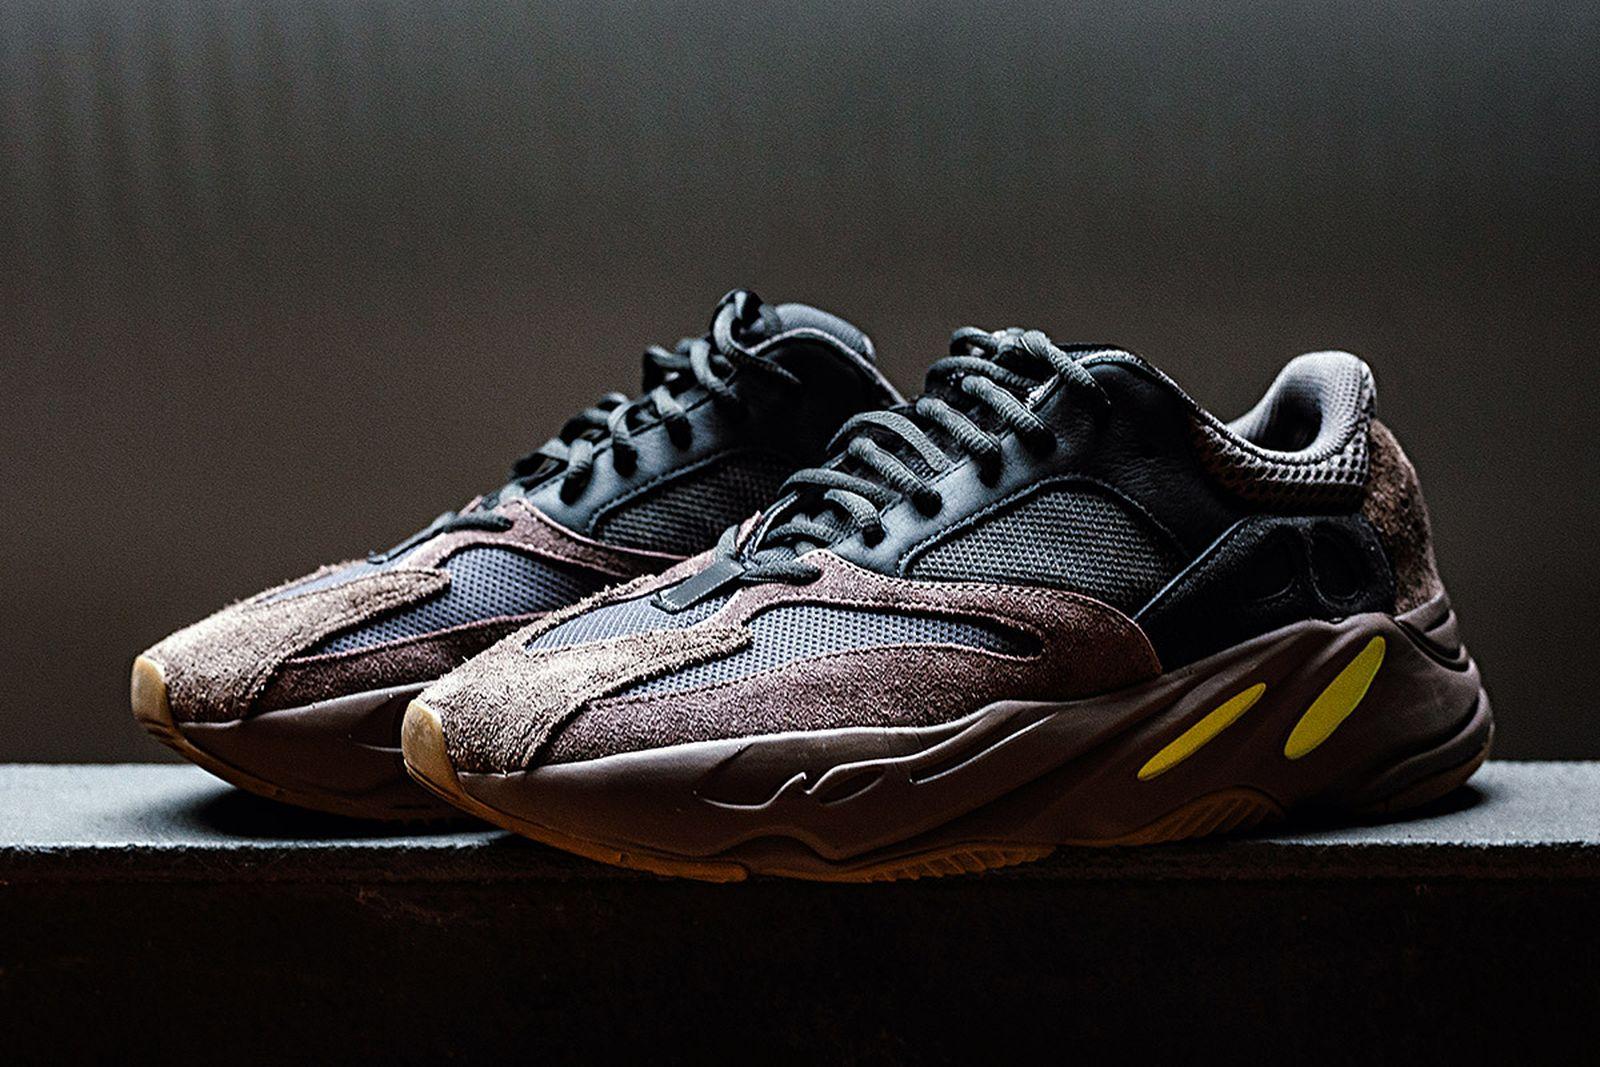 yeezy kanye west increased supply main Adidas